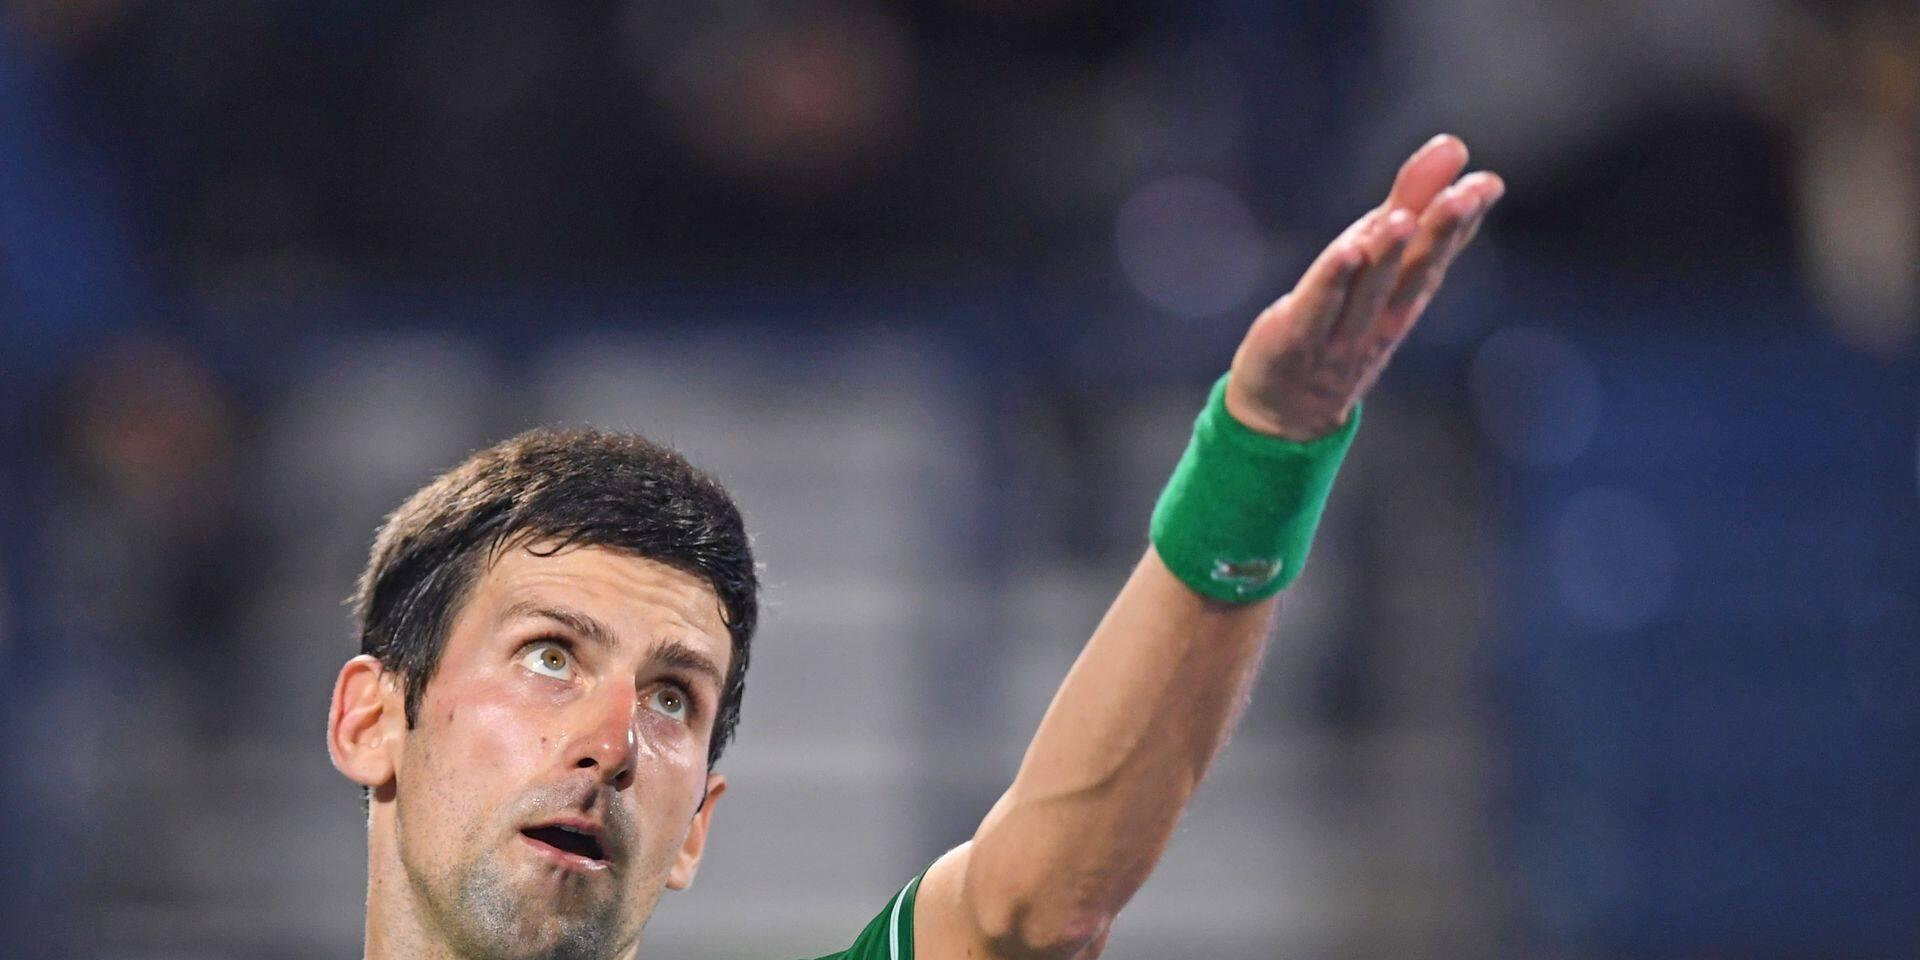 """Après avoir hésité, Novak Djokovic a finalement décidé de se rendre à New York: """"Je ne suis pas venu parce que Nadal et Federer sont absents"""""""